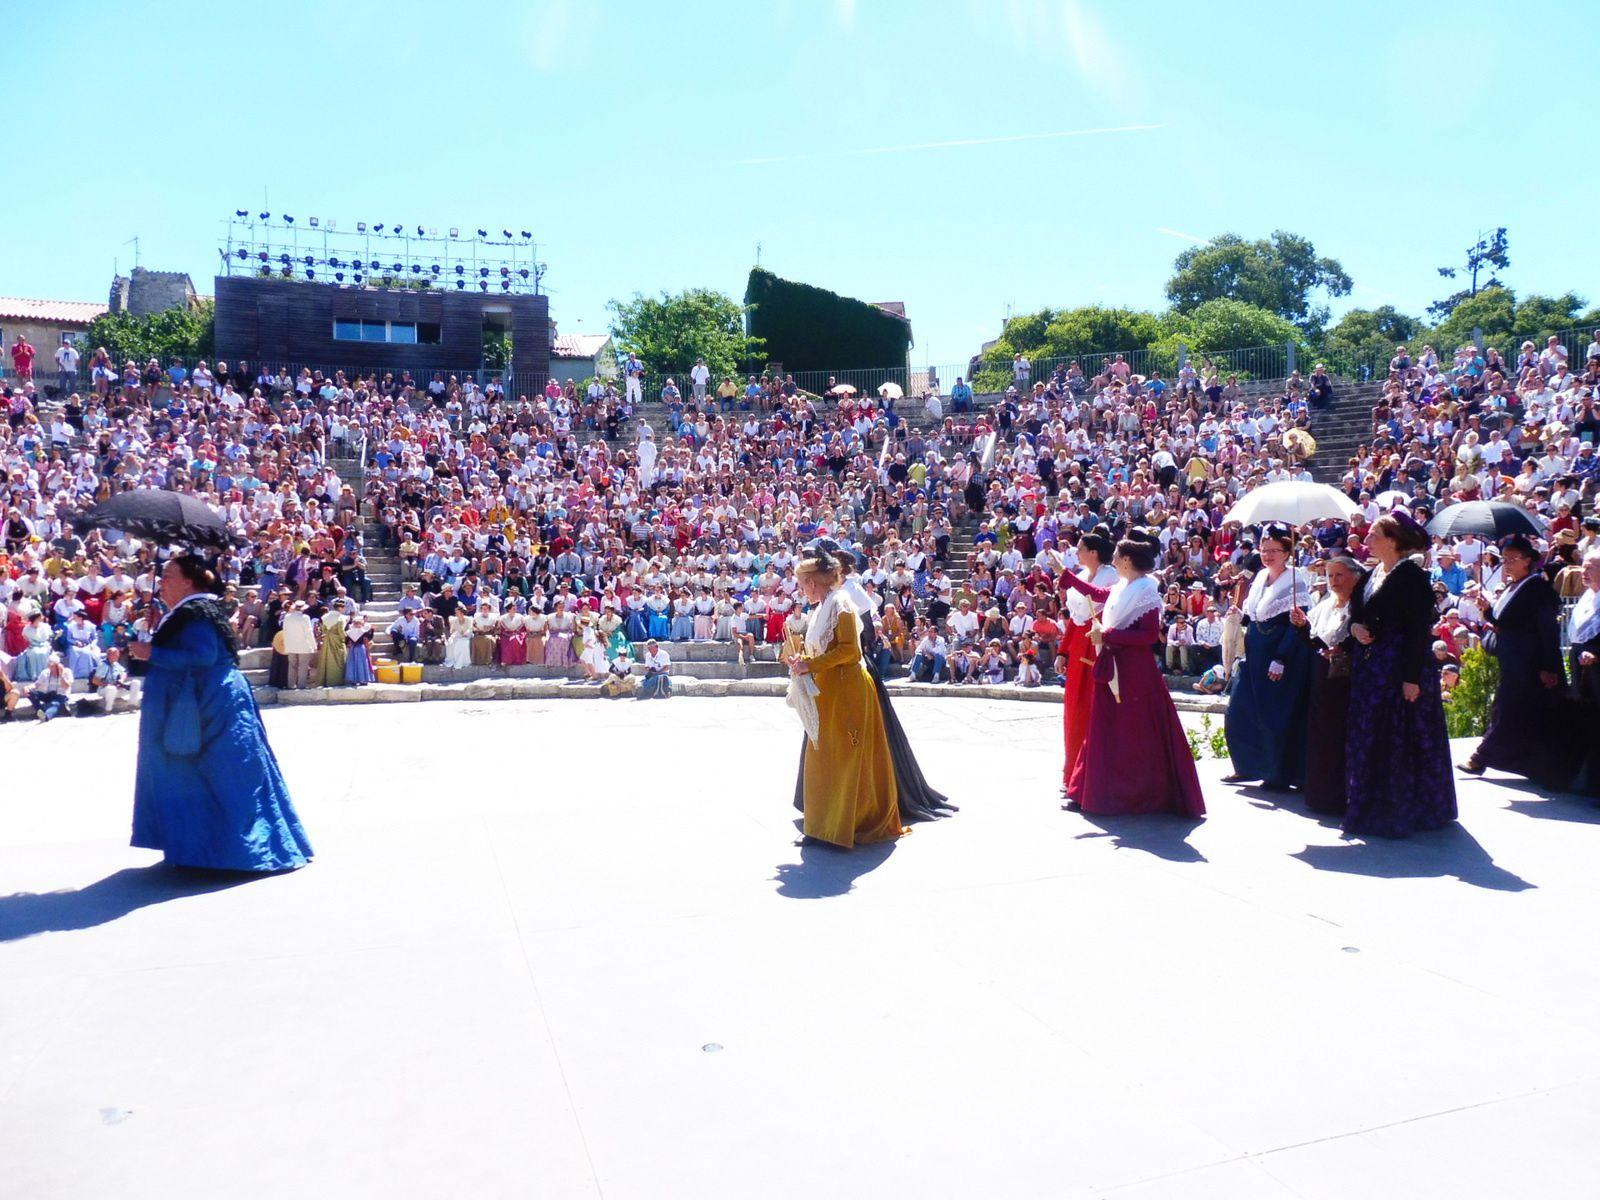 Fête du costume à Arles... Nous y étions.